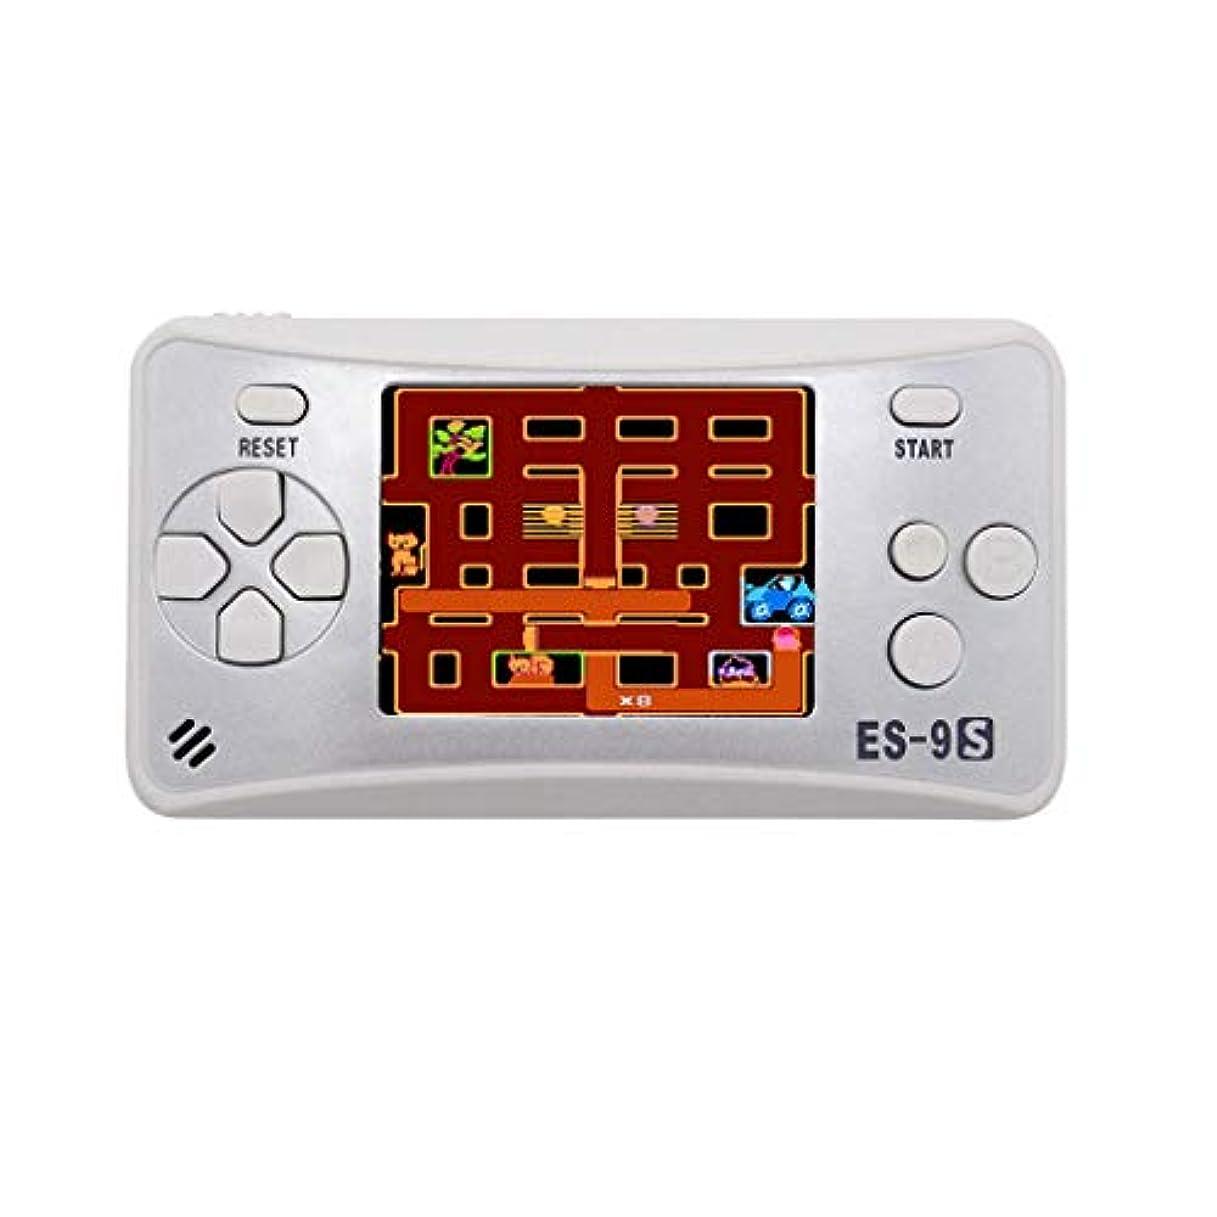 睡眠クモリスナー携帯ゲーム機 2.5インチ アーケードゲーム ハンドヘルド ビデオ ゲーム コンソール 内蔵168クラシックゲーム ゲームプレーヤー サポートTVプレイhuajuan